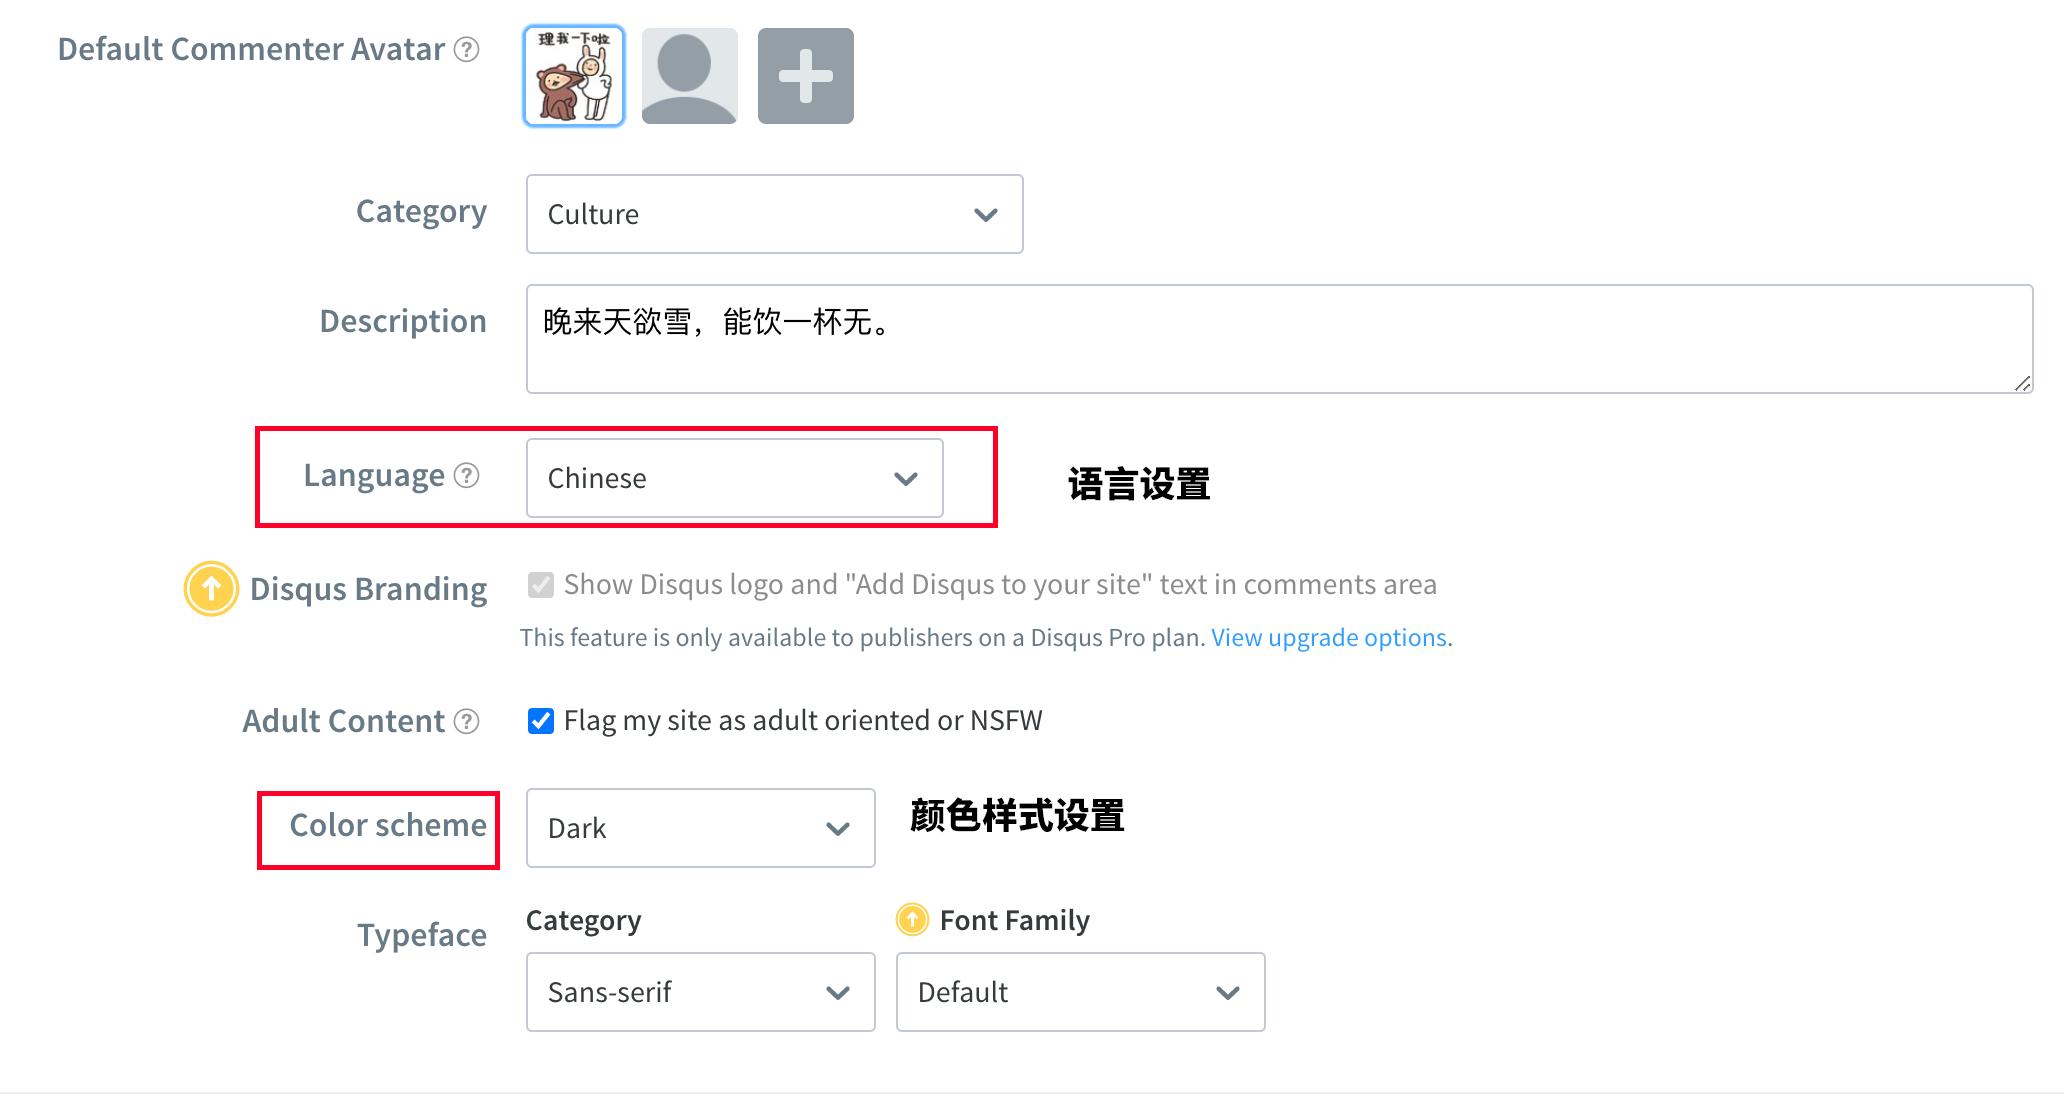 语言设置 - 中文.png